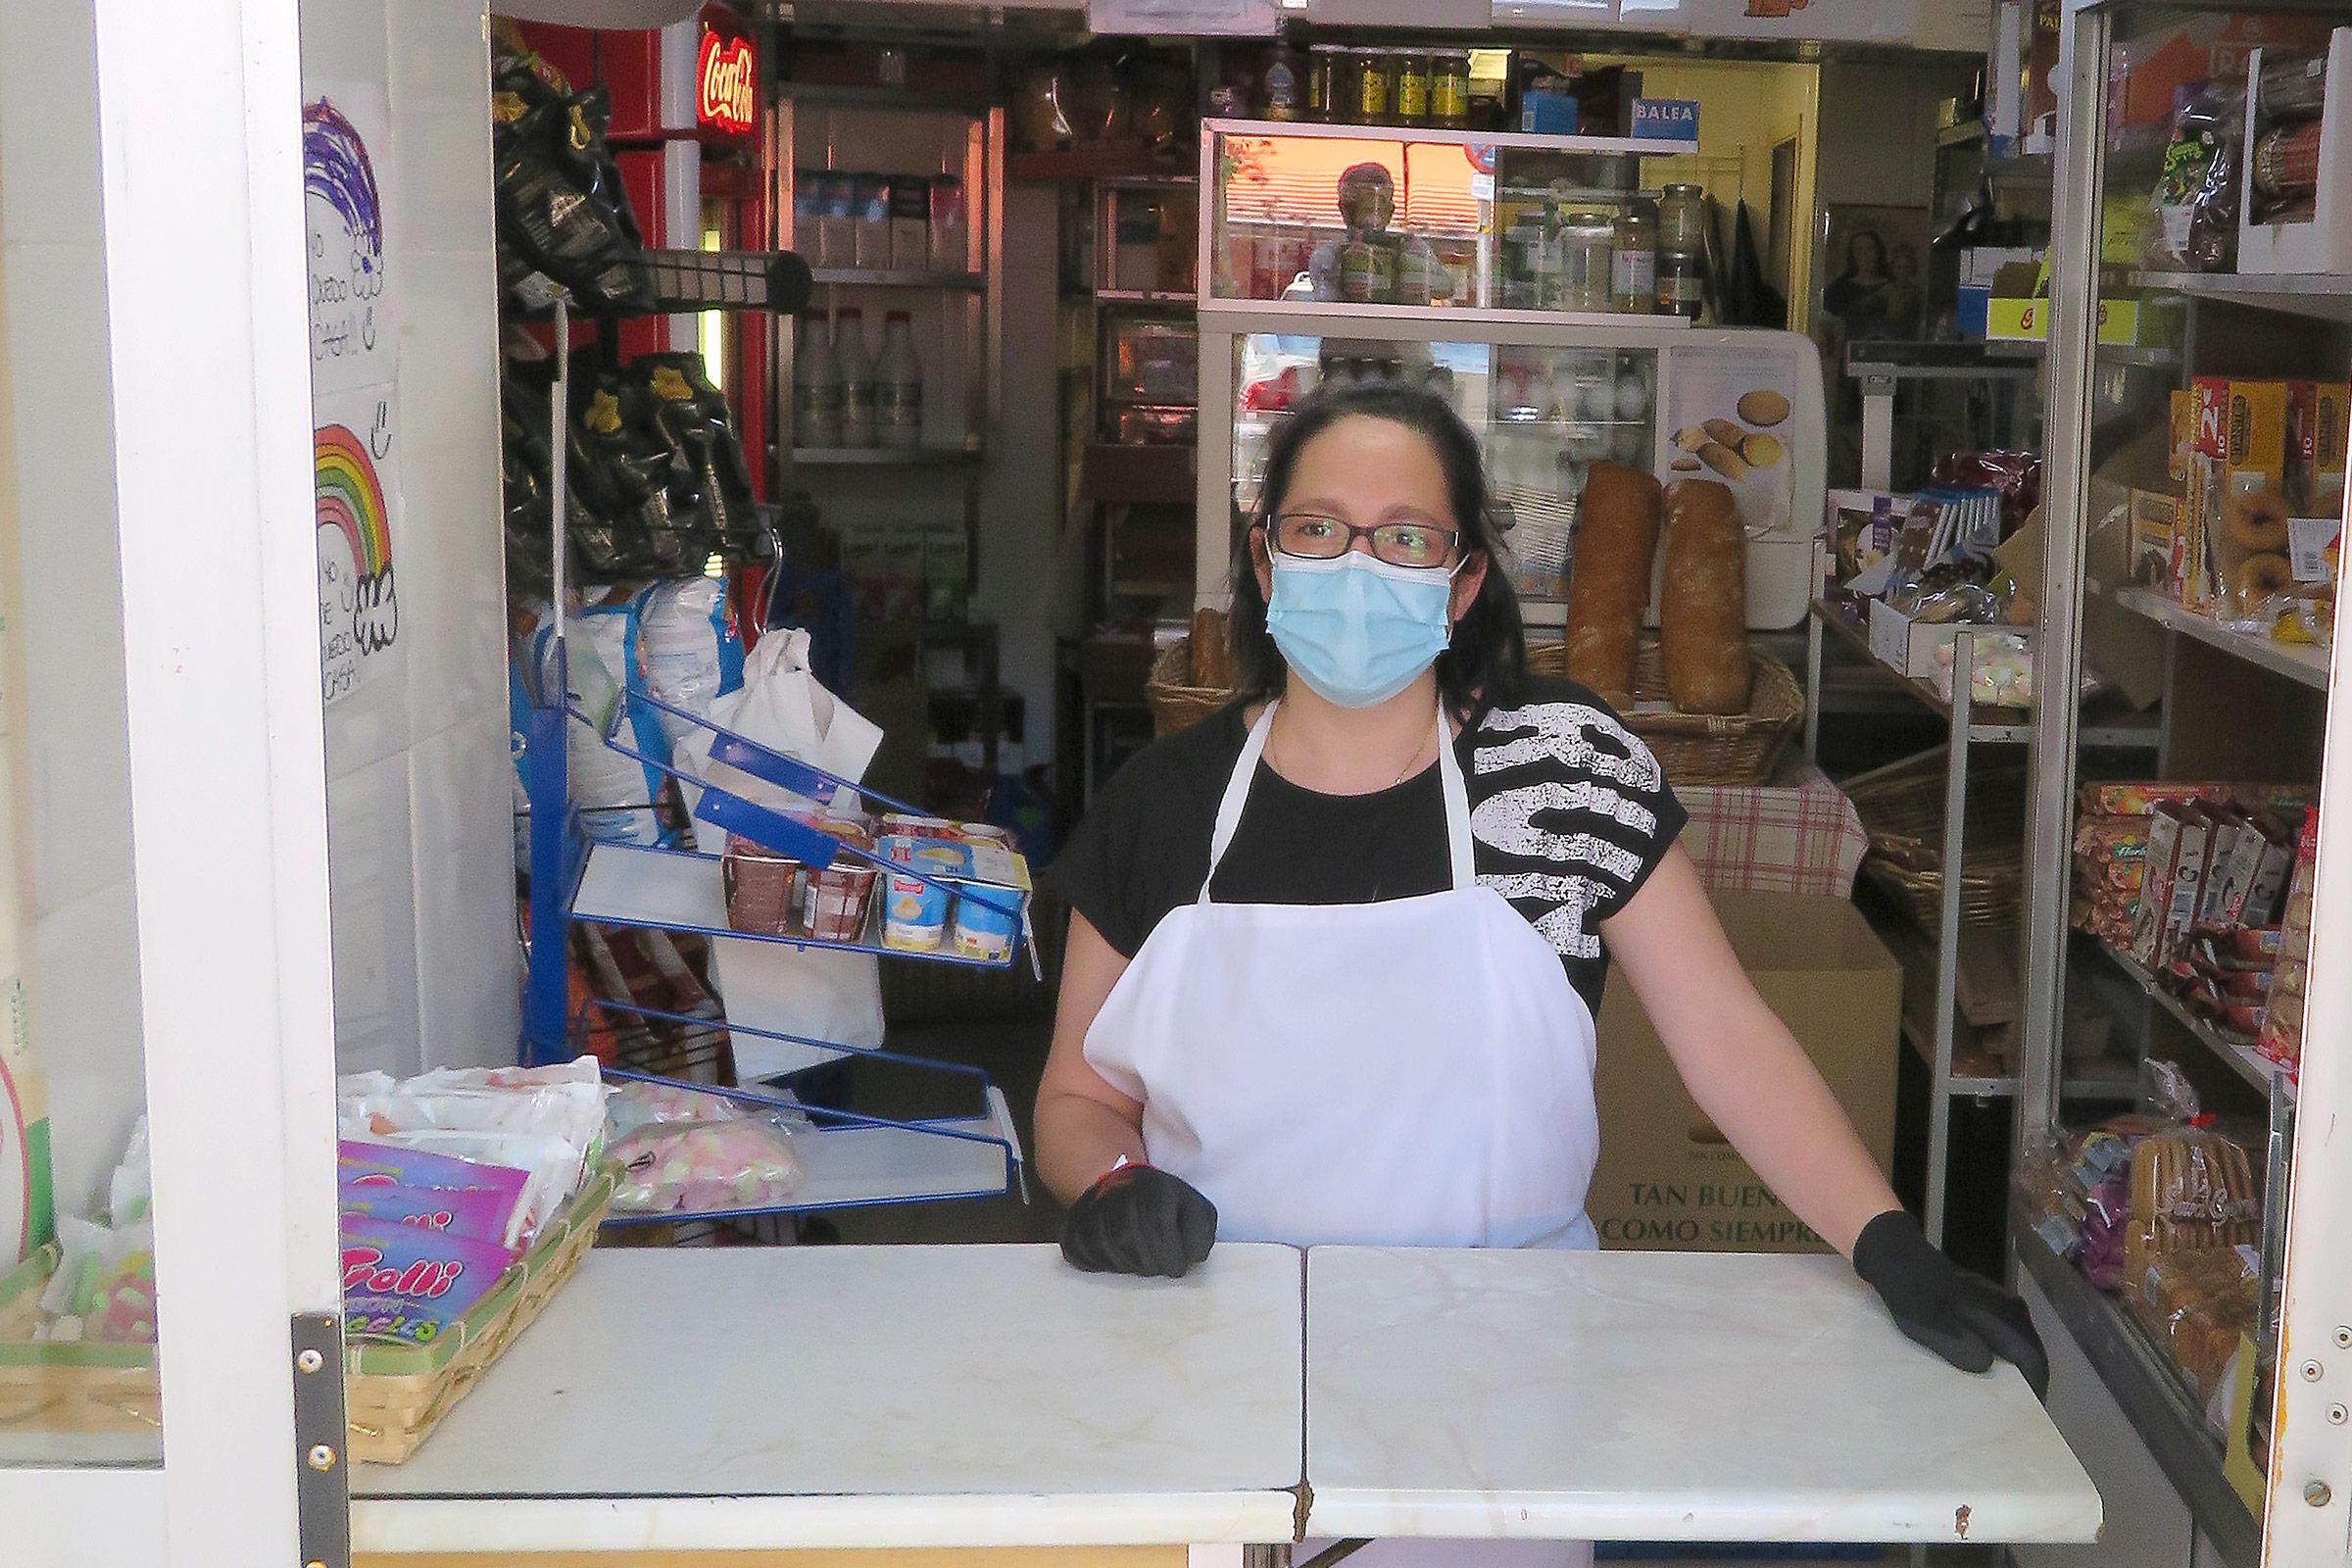 Nines se ha coordinado con otros comercios cercanos para hacer entregas a domicilio durante el confinamiento